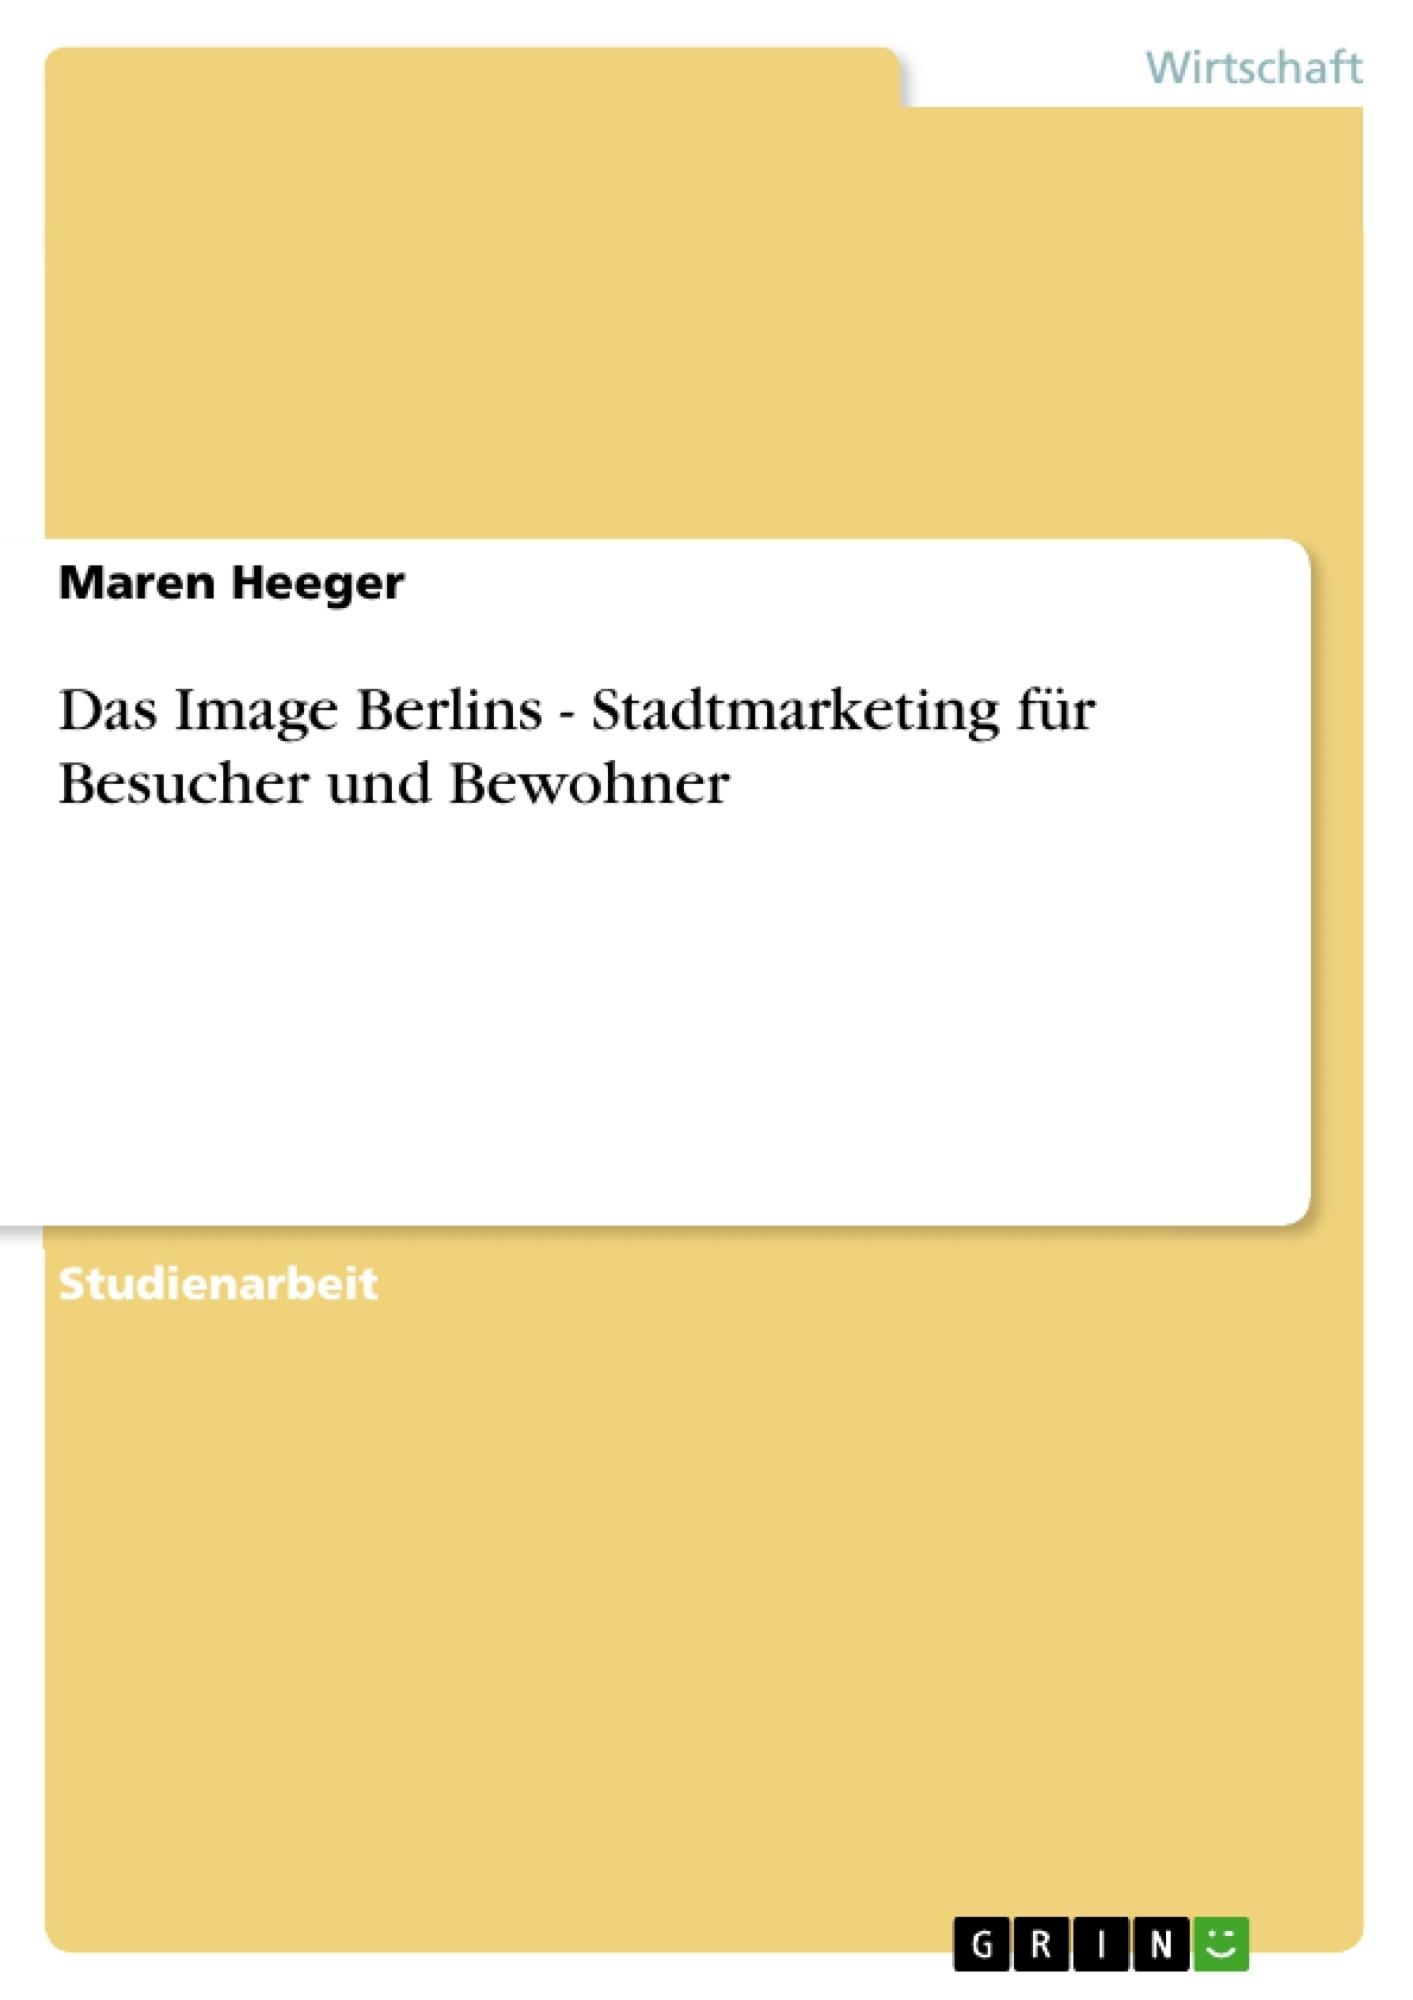 Titel: Das Image Berlins - Stadtmarketing für Besucher und Bewohner